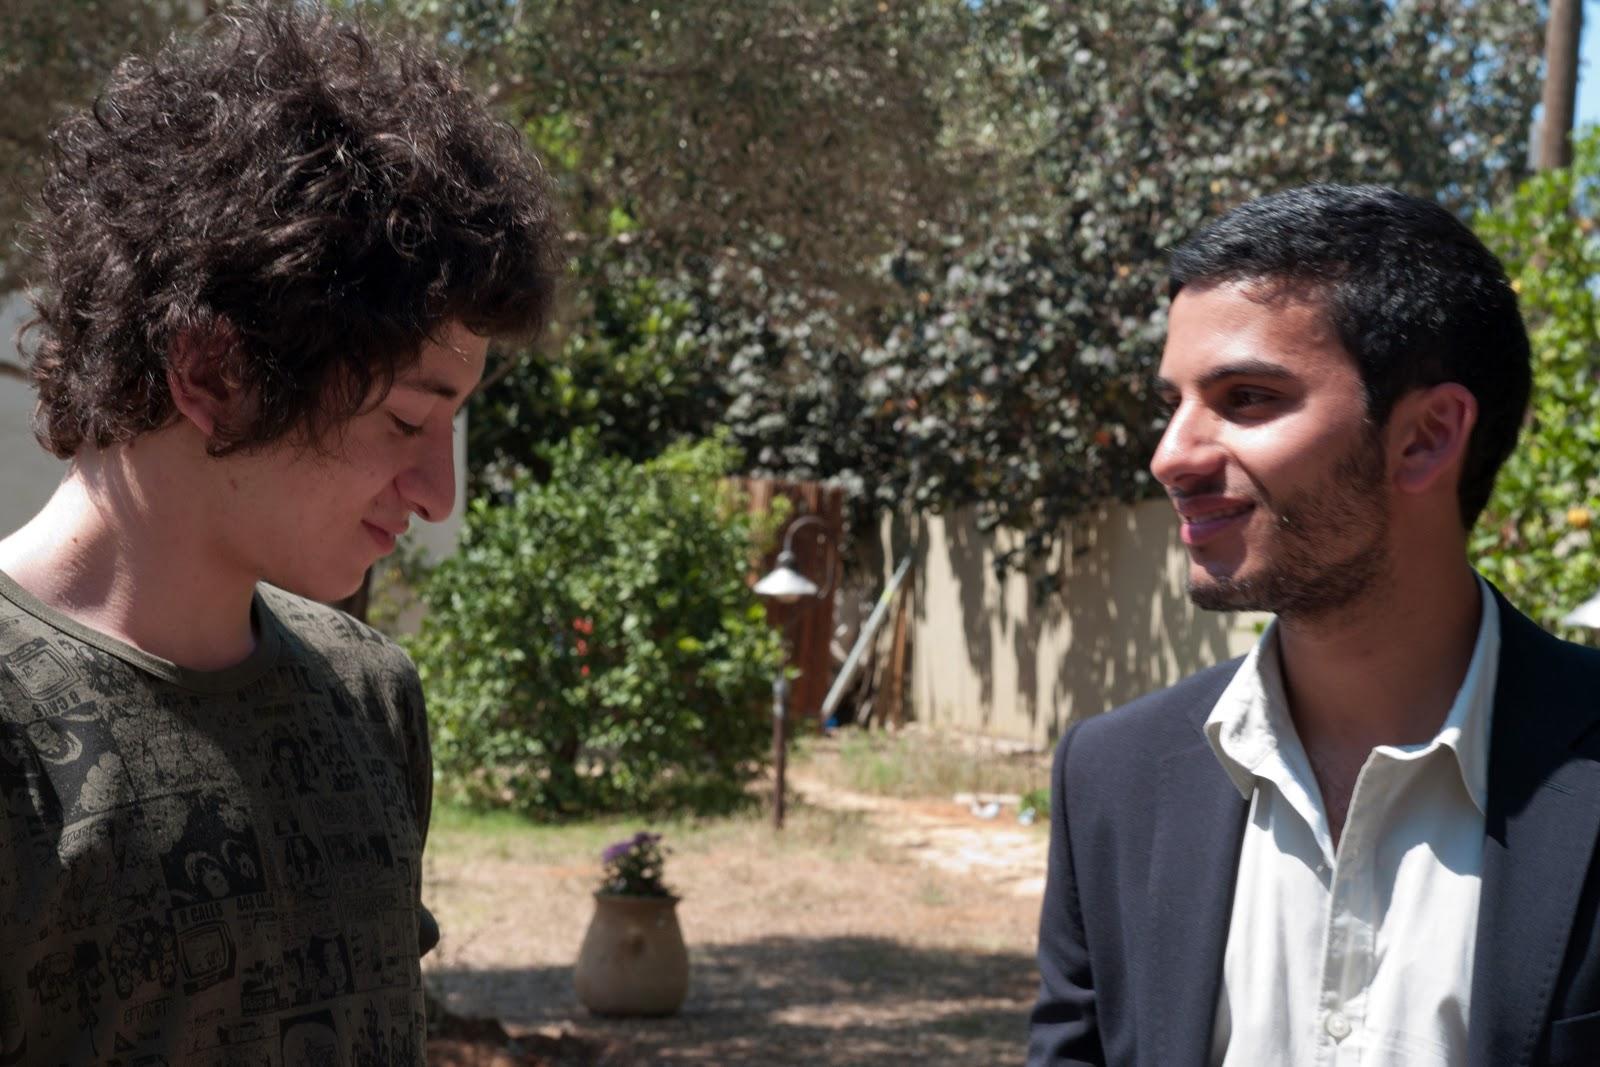 http://1.bp.blogspot.com/-je-PDaYWeZs/UIrdR3KS7kI/AAAAAAAAAco/8jxFoNKPwP4/s1600/The-Boys-Meet-Each-Other.jpg